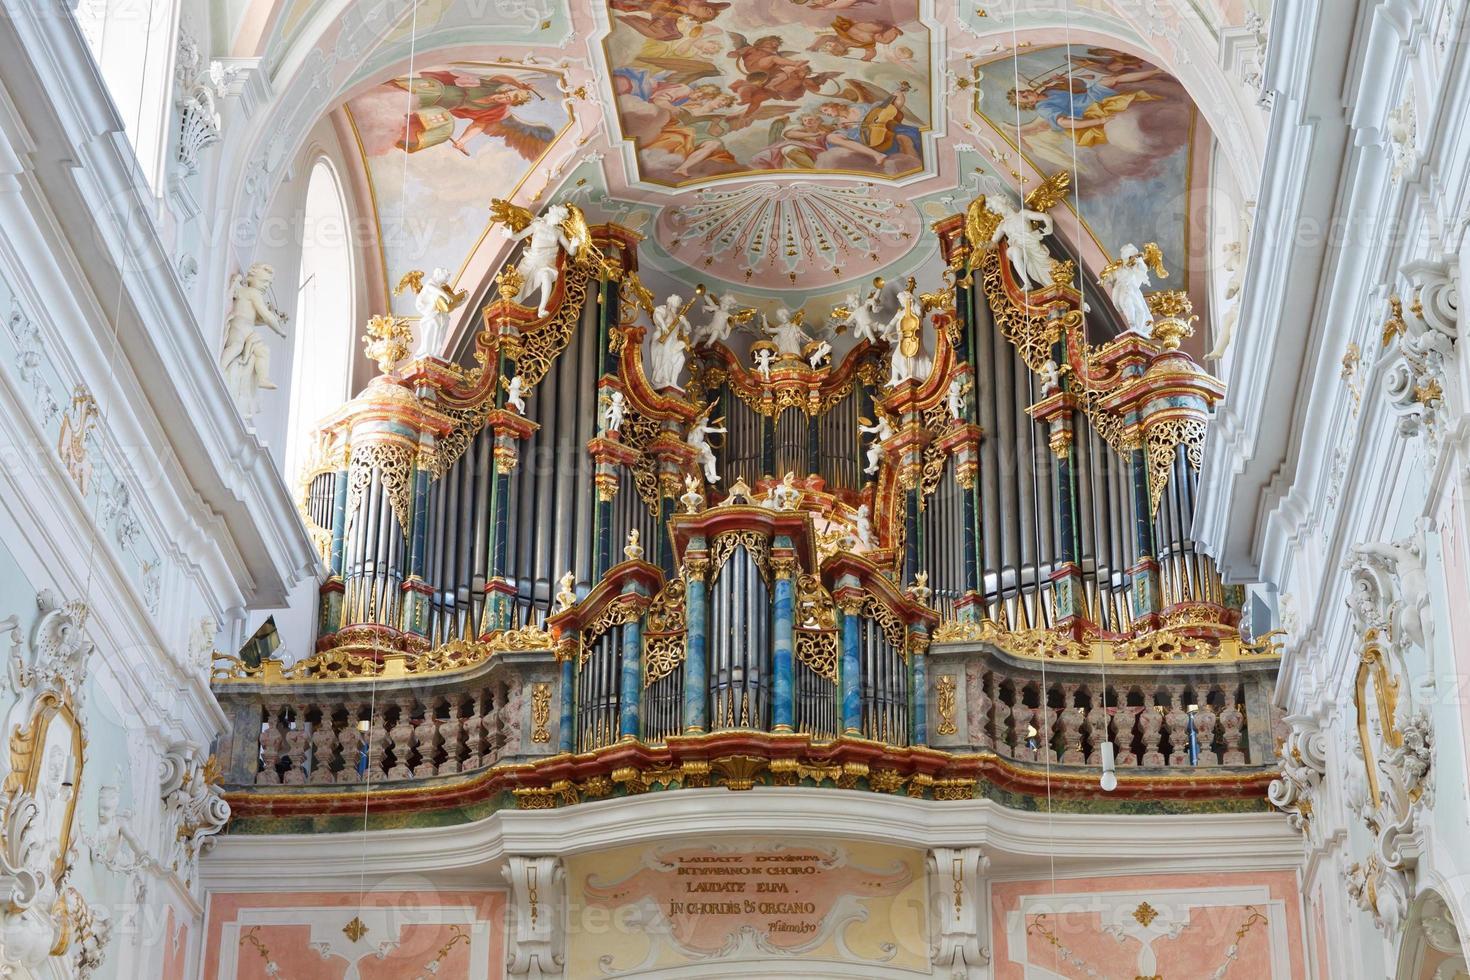 Baroque Church Organ photo